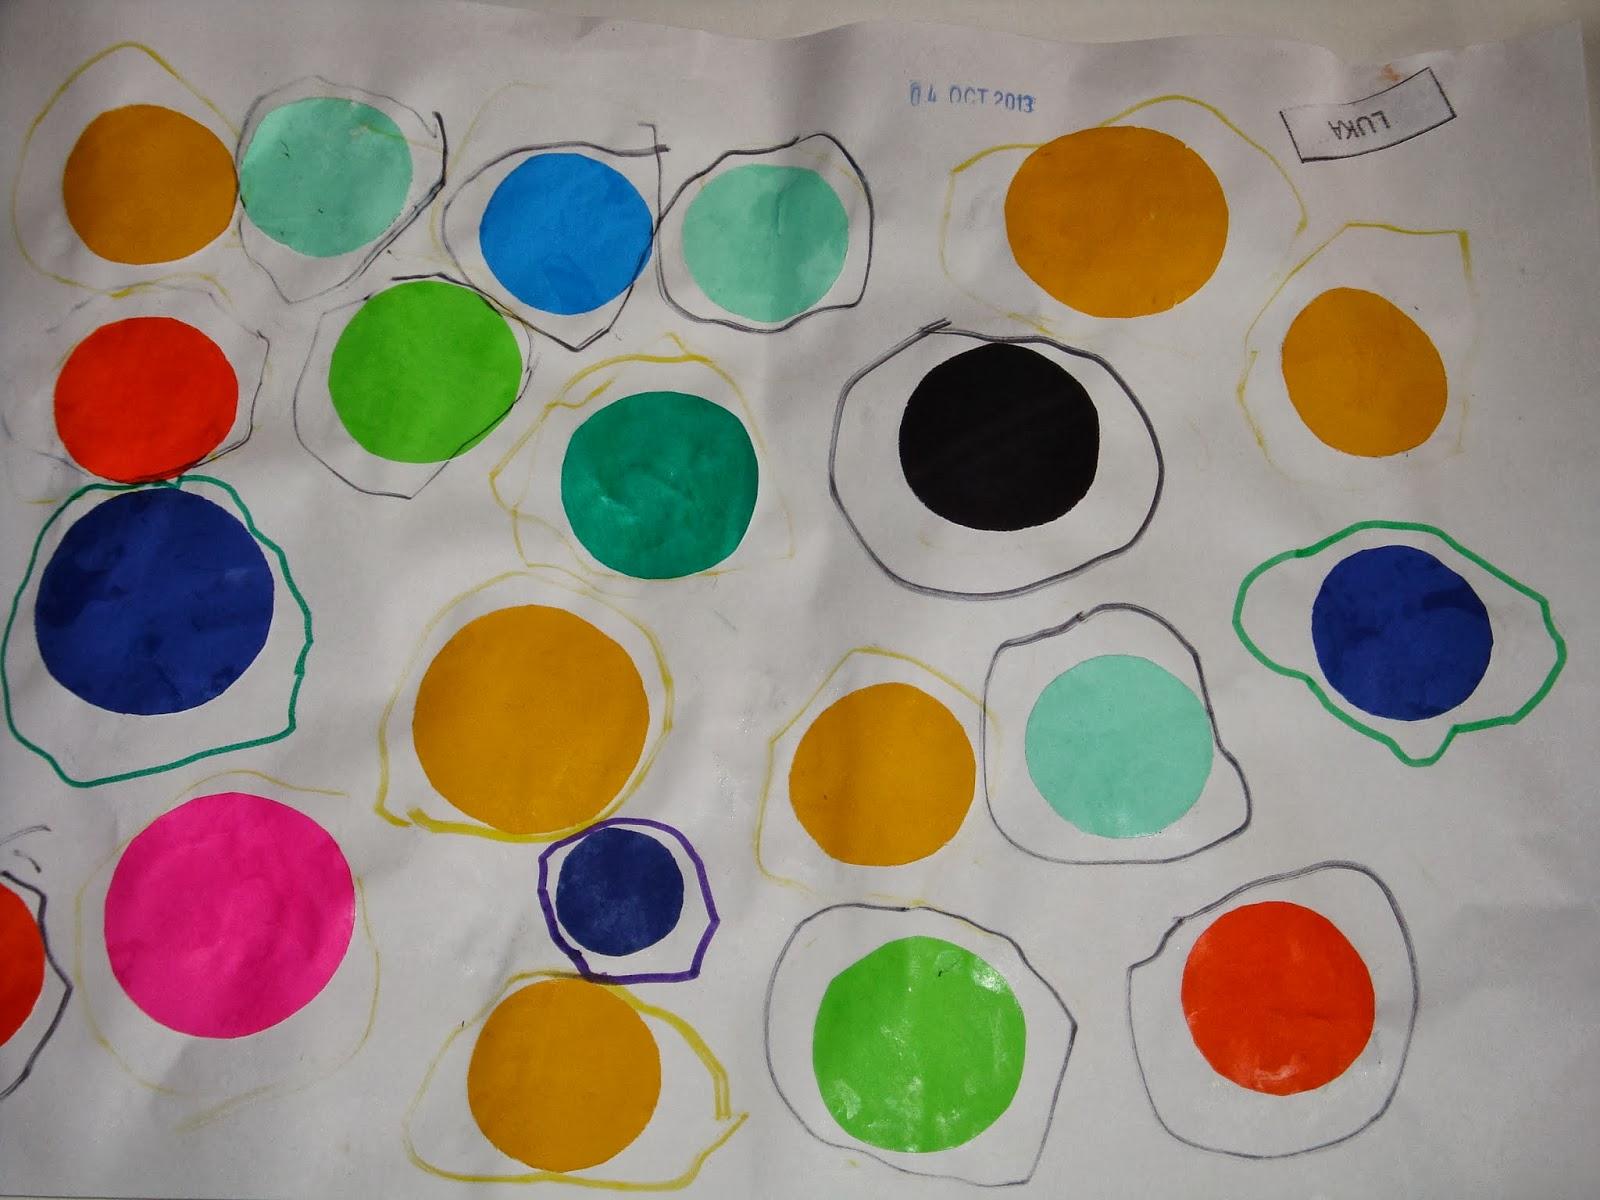 les p u0026 39 tits bouts d u0026 39 ablain  petit cube chez les petits ronds